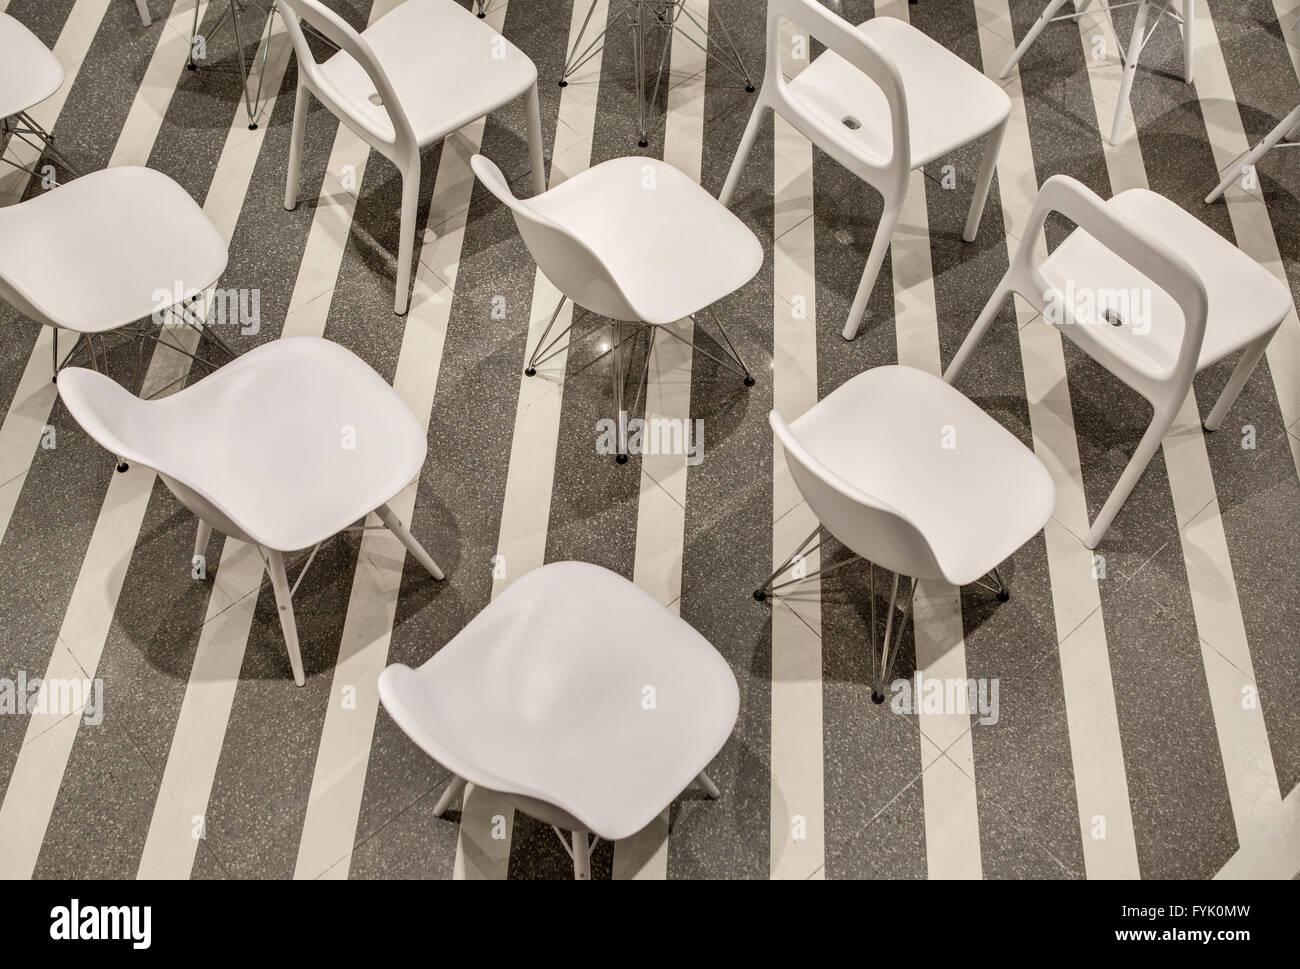 Stock Sedie In Plastica.Fila Di Sedie In Plastica Bianca Vista Dall Alto Foto Immagine